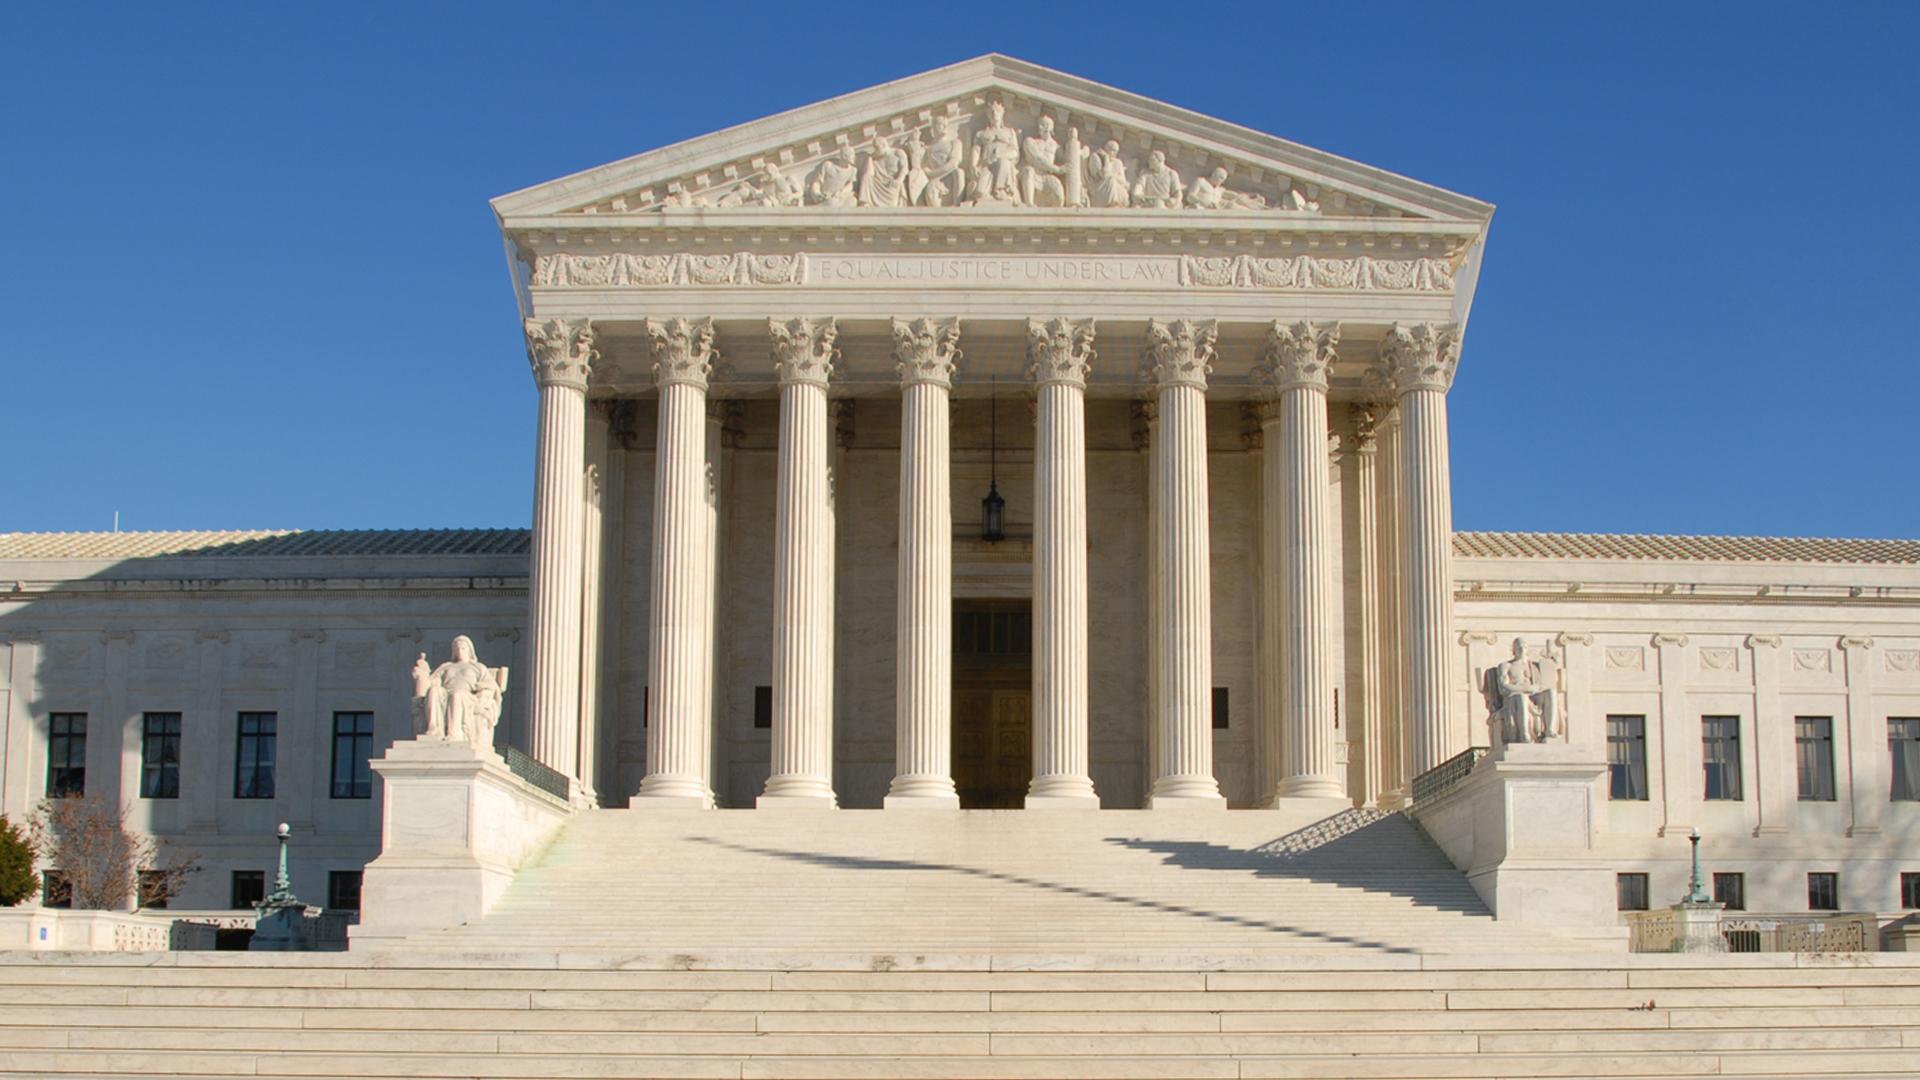 Der US Supreme Court von außen